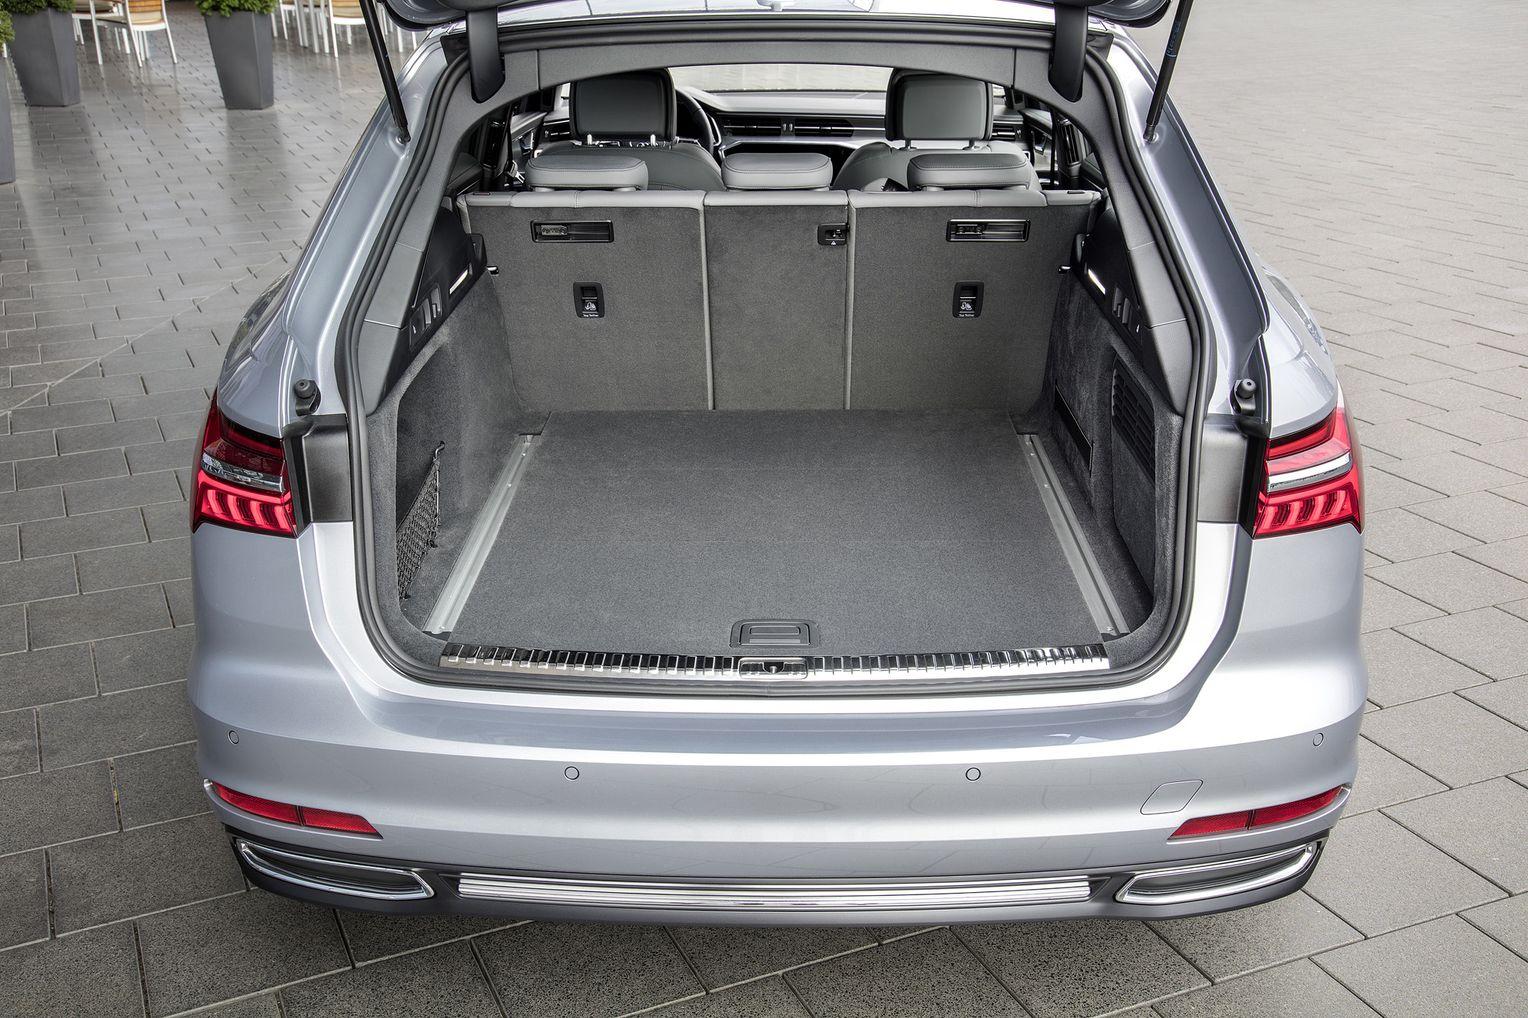 Audi A6 Und A8 Jetzt Auch Als Plug In Hybrid Erhaltlich Autoscout24